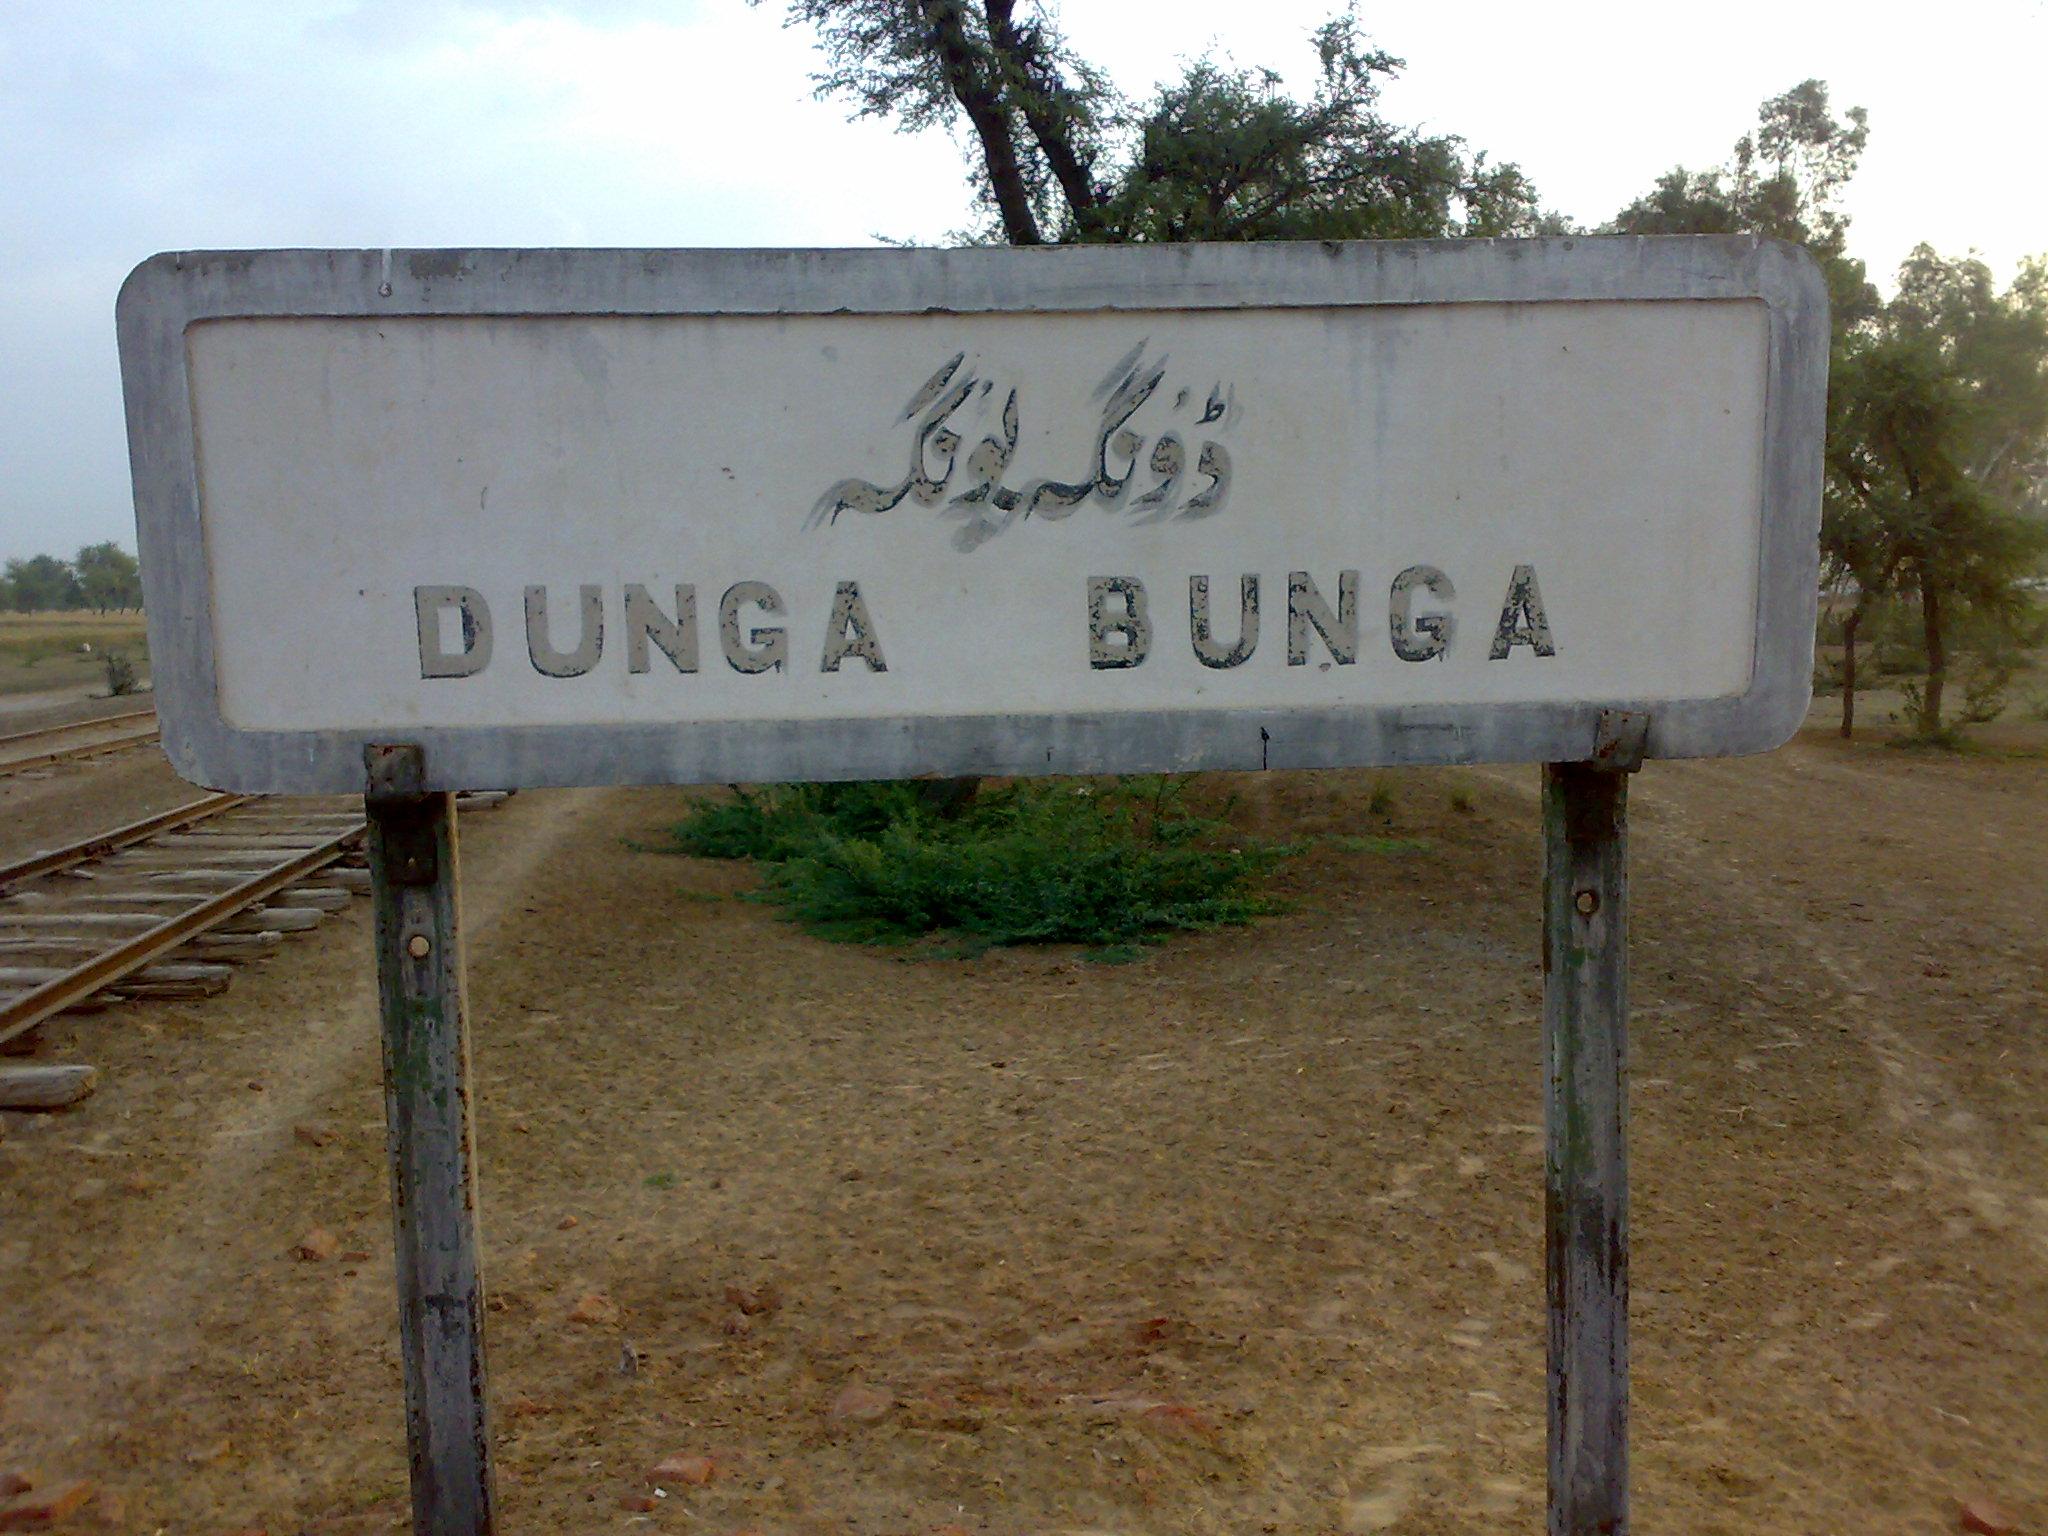 Dunga Bunga